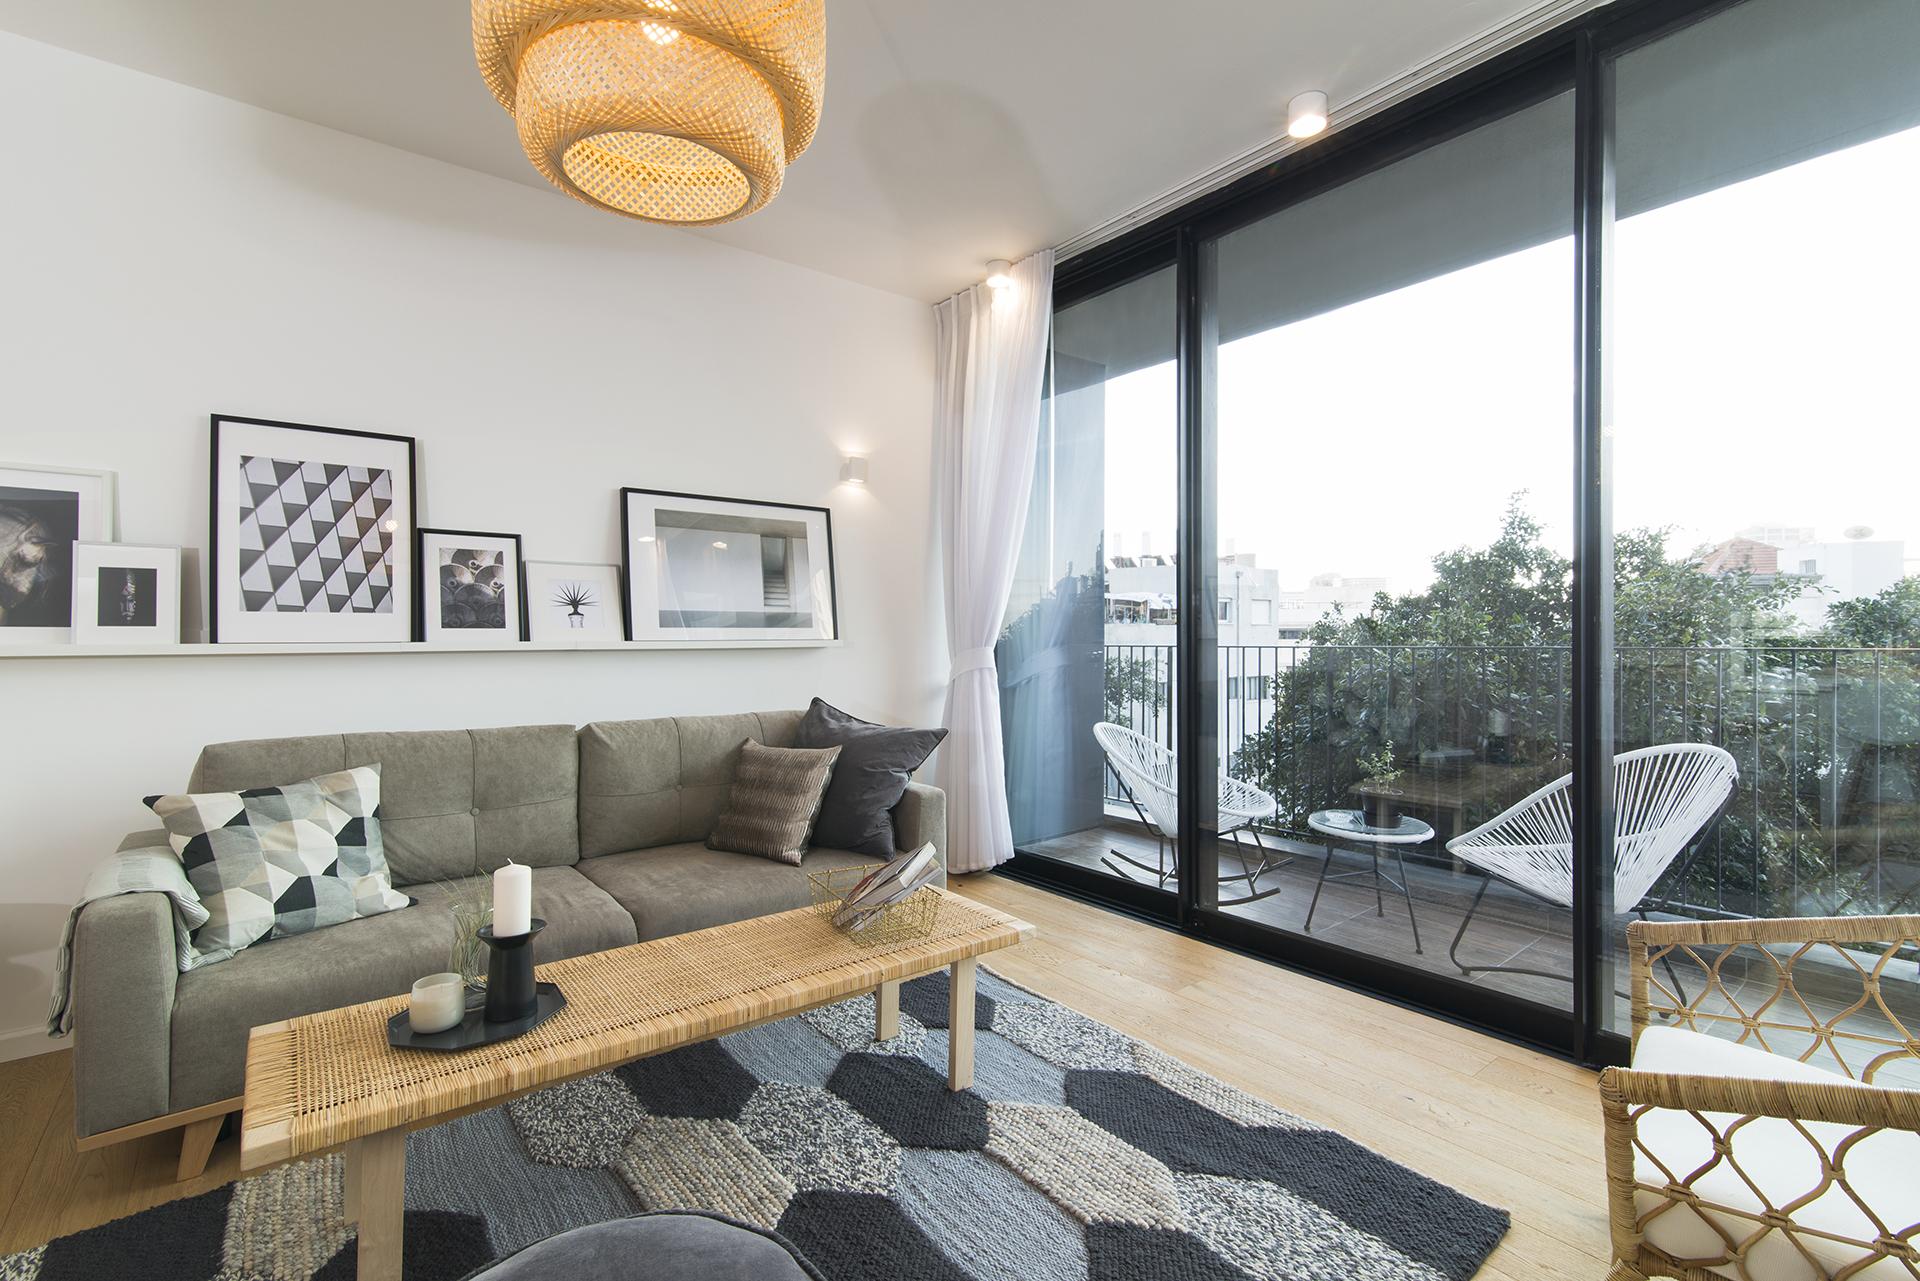 активного дизайн квартиры в израиле фото образец того